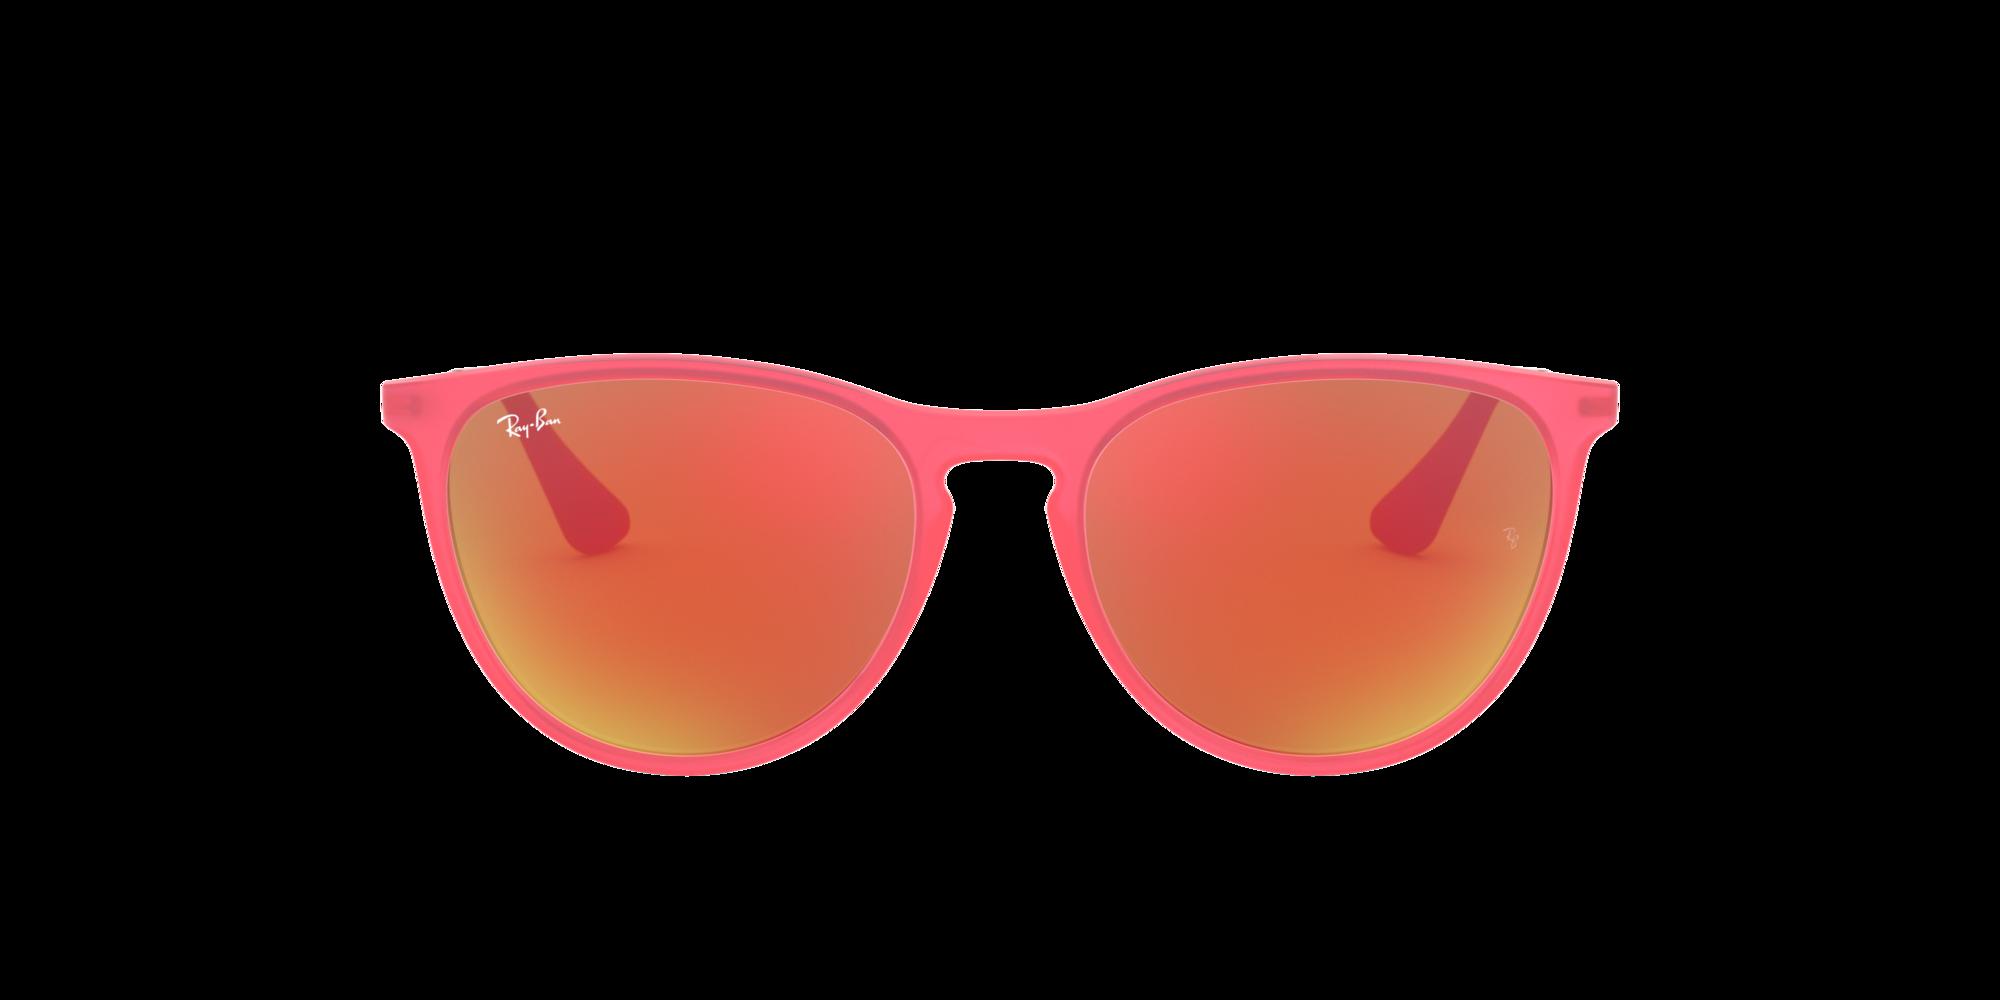 Imagen para RJ9060S 50 de LensCrafters |  Espejuelos, espejuelos graduados en línea, gafas